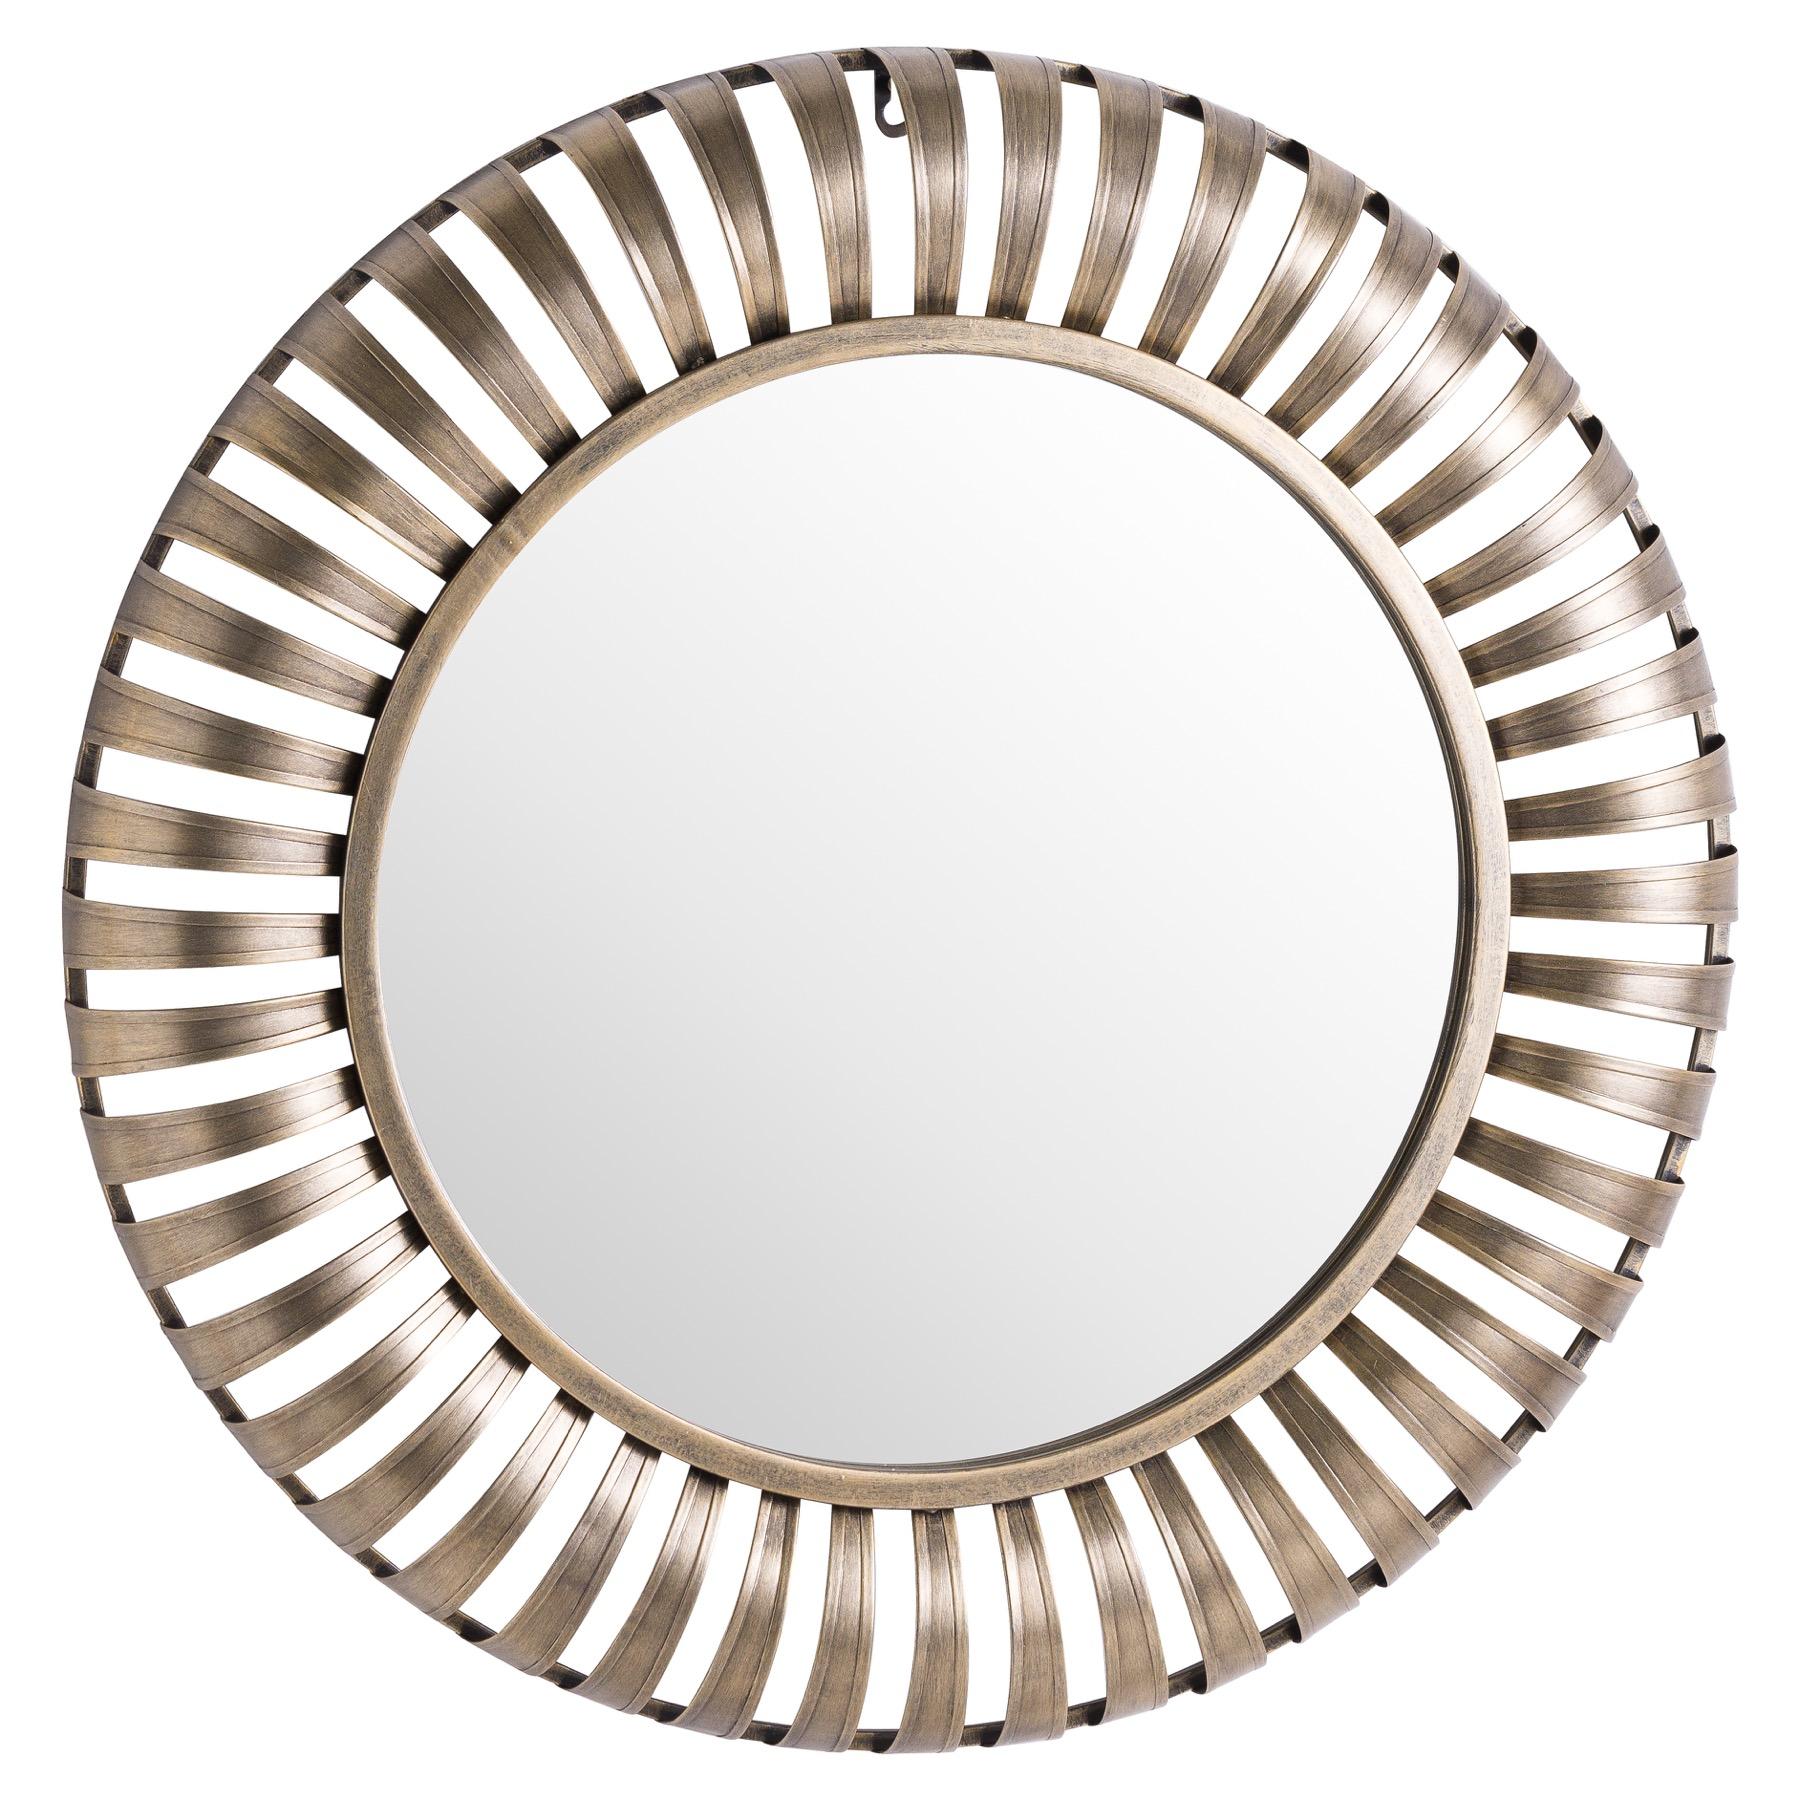 Kensington Large Gold Mirror - Image 1